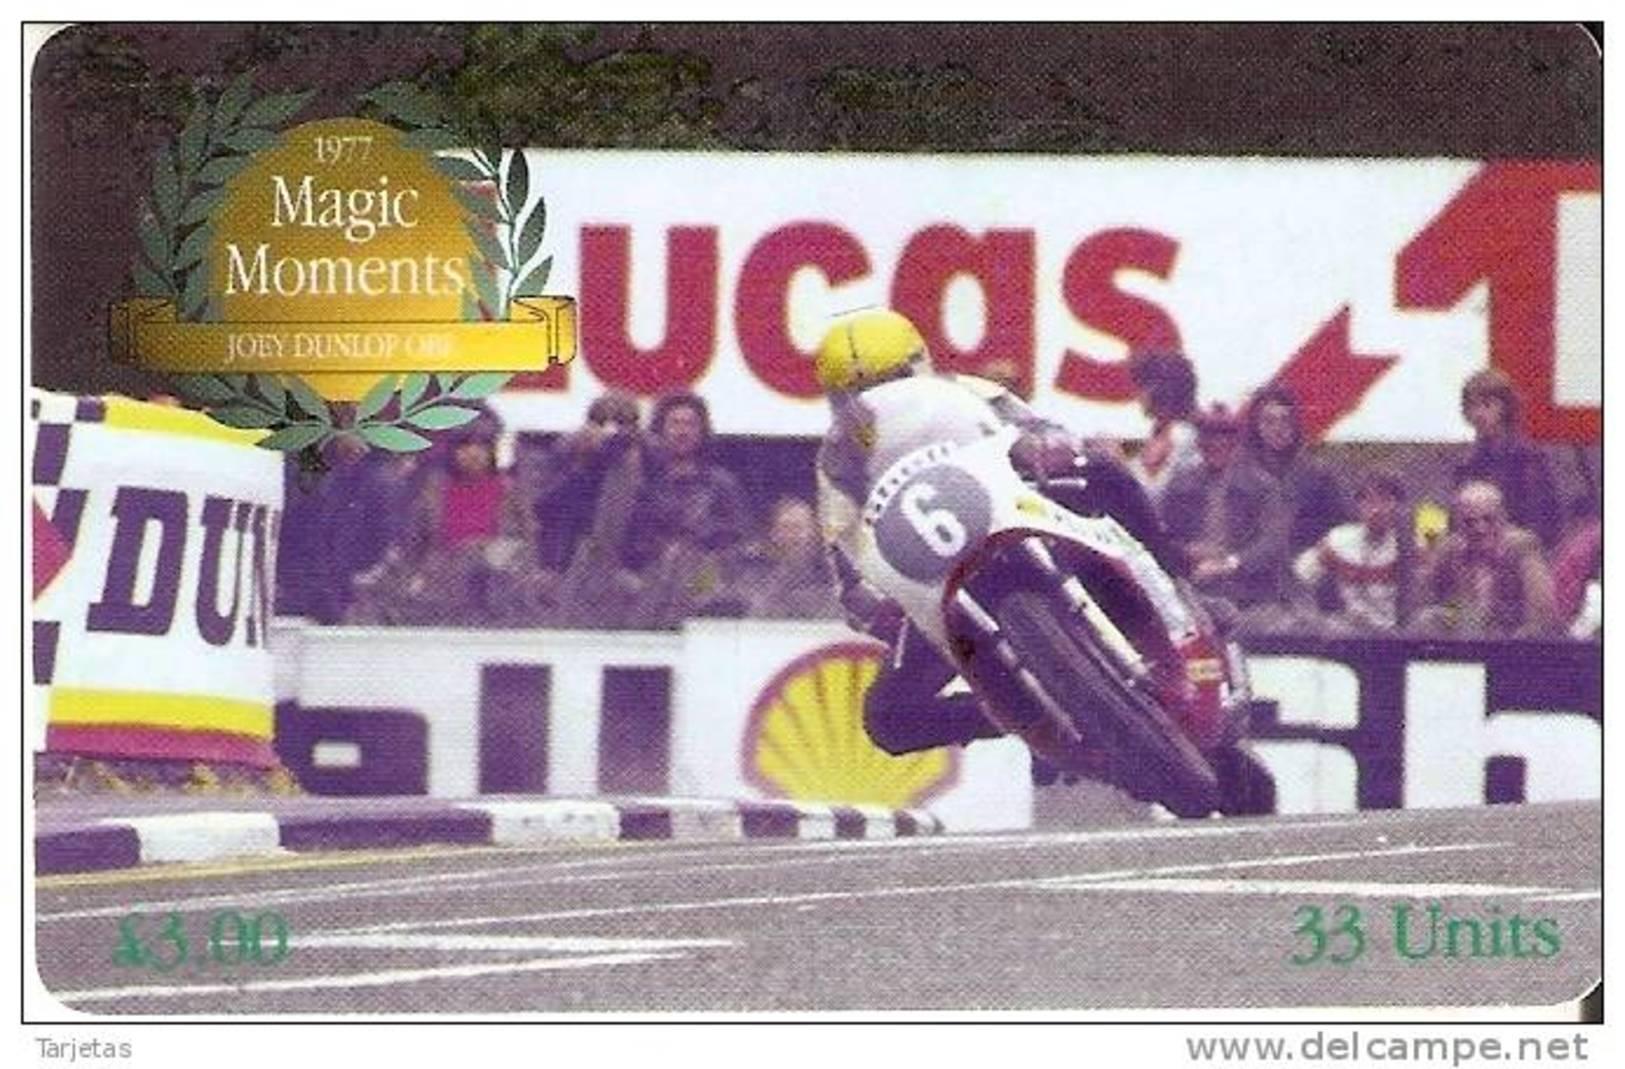 MAN-173 TARJETA DE LA ISLA DE MAN DE MAGIC MOMENTS (MOTOR RACING) MOTO - Isla De Man